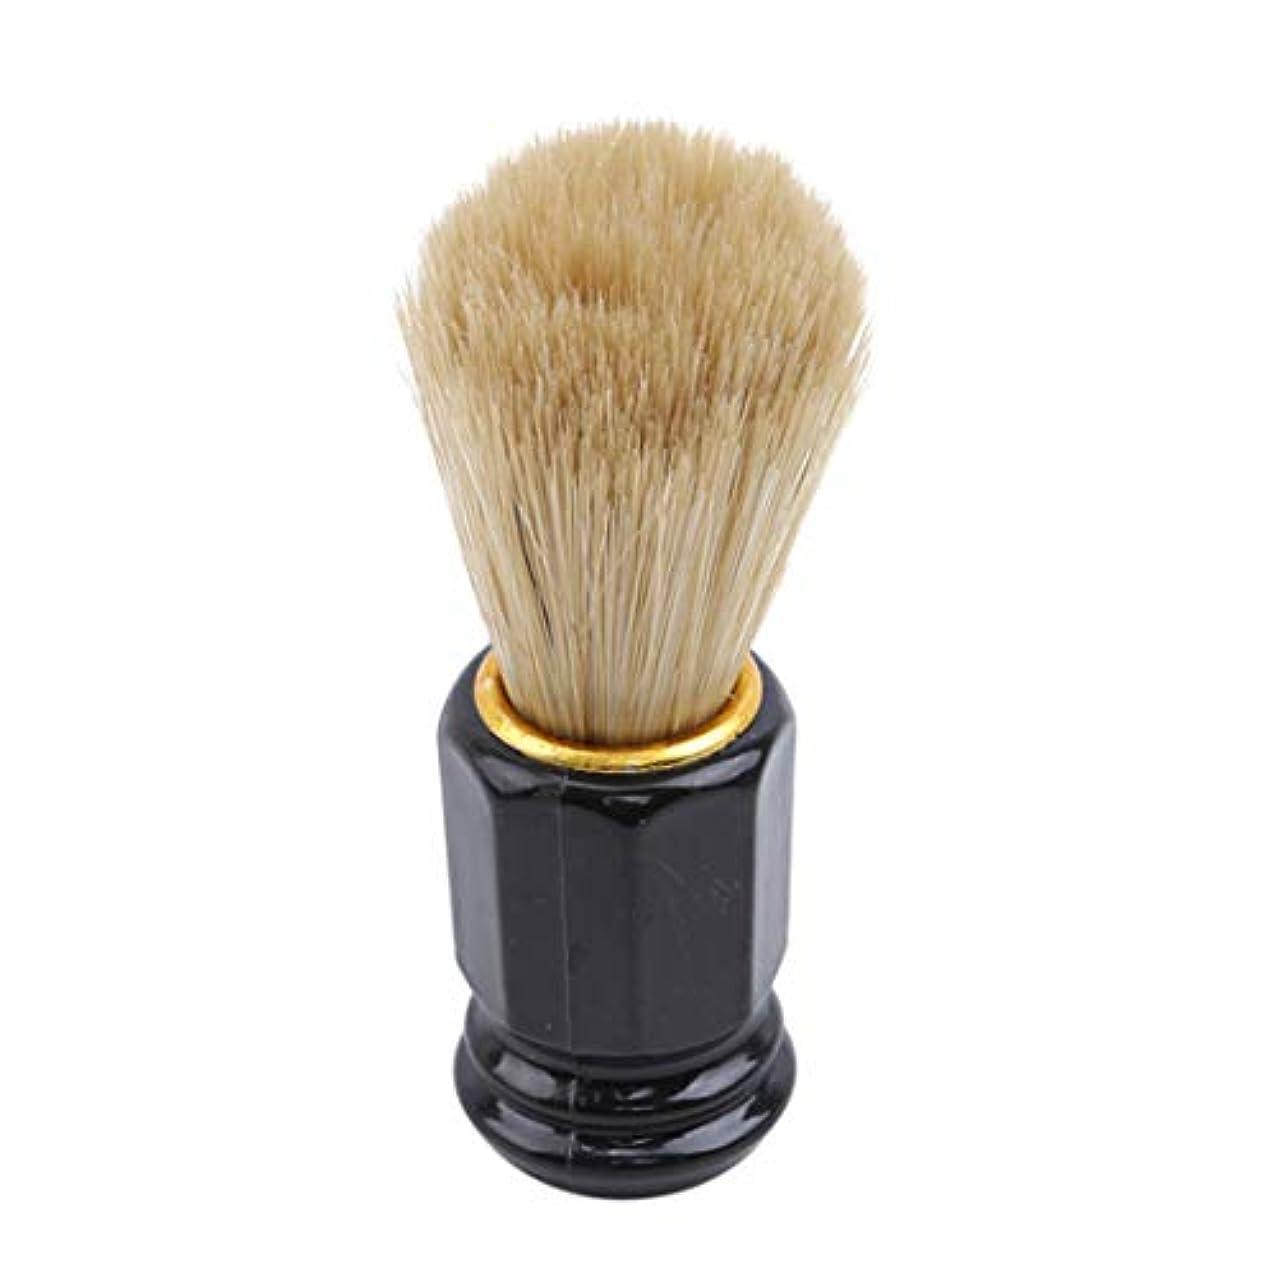 フォーカス野ウサギ口実Underleaf 男性フェイスクリーニングシェービングマグブラシボウル理容髭ブラシキット理髪アクセサリー